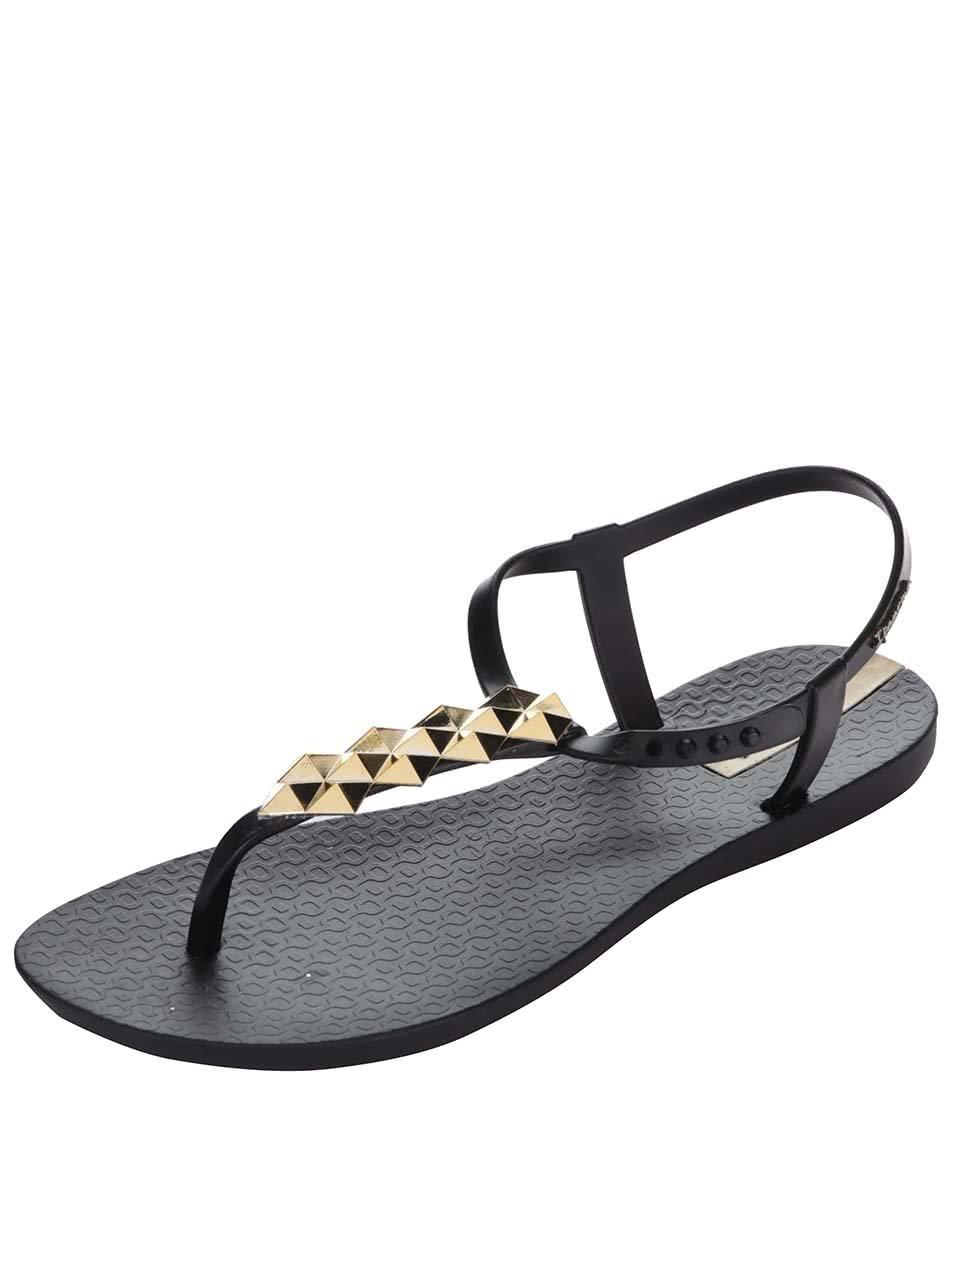 Černé sandály se zdobením ve zlaté barvě Ipanema Charm ... 9069c89880